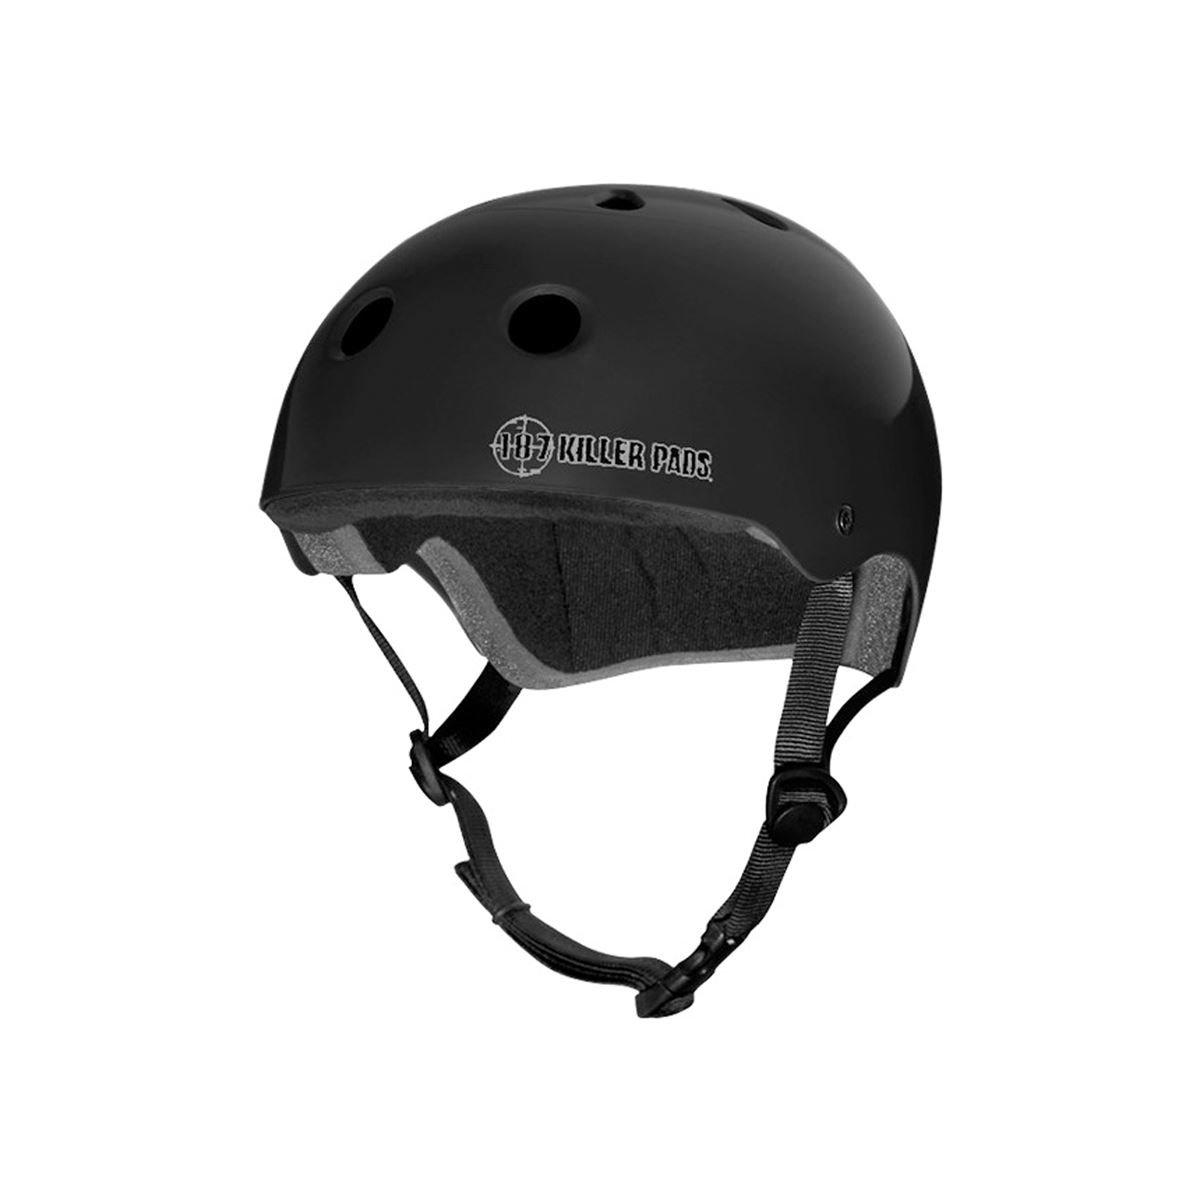 187 Killer Pads Pro Skate Helmet - Matte Black - XX-Large